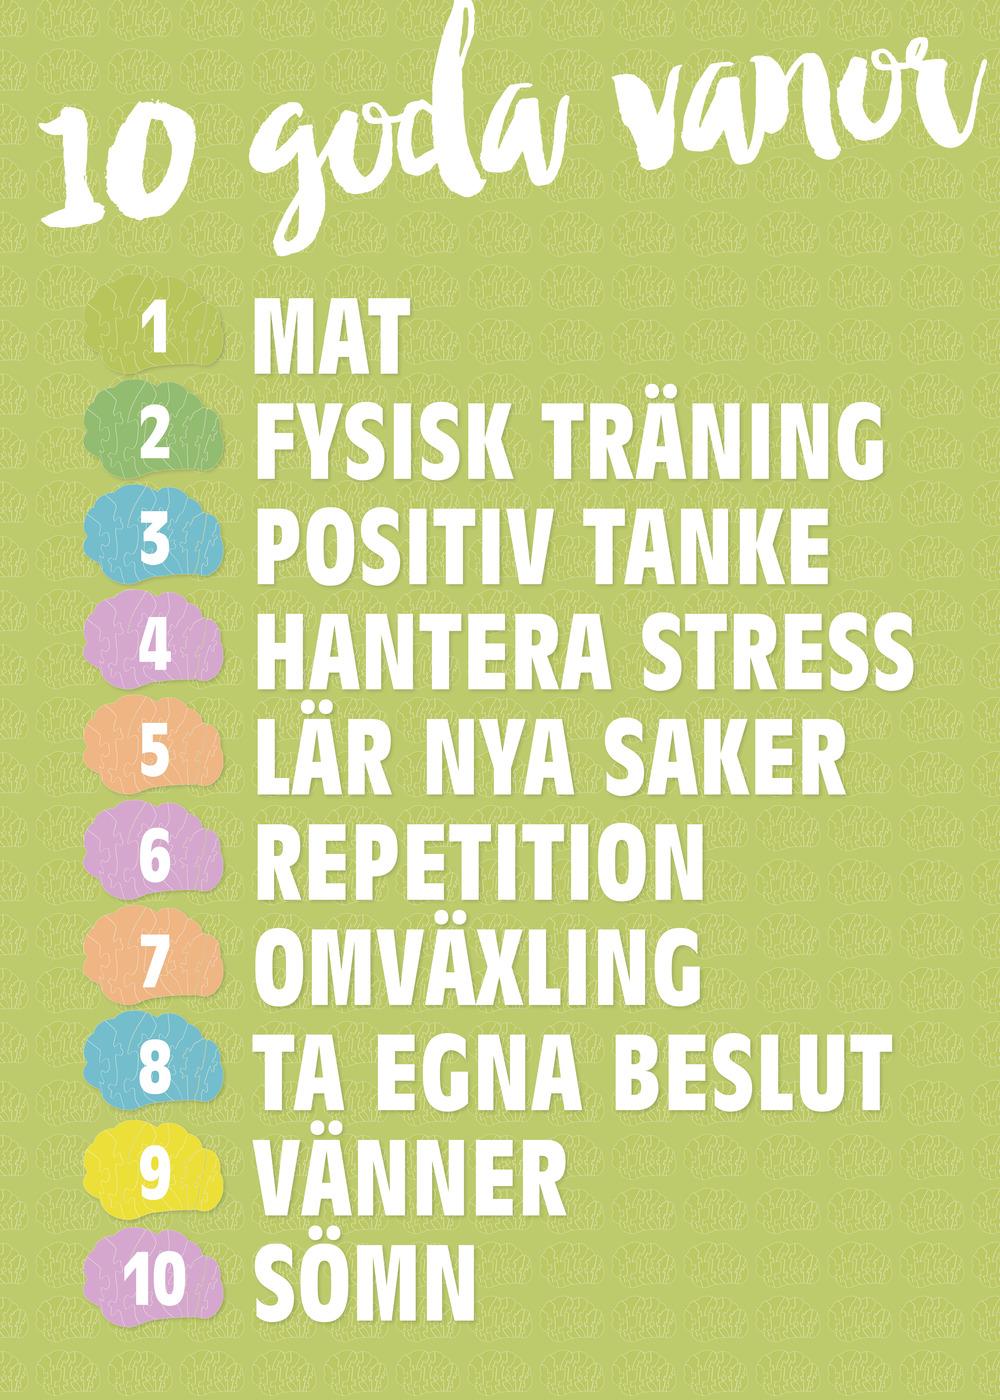 De 10 goda vanorna är framtagna tillsammans med forskare runt om i världen.